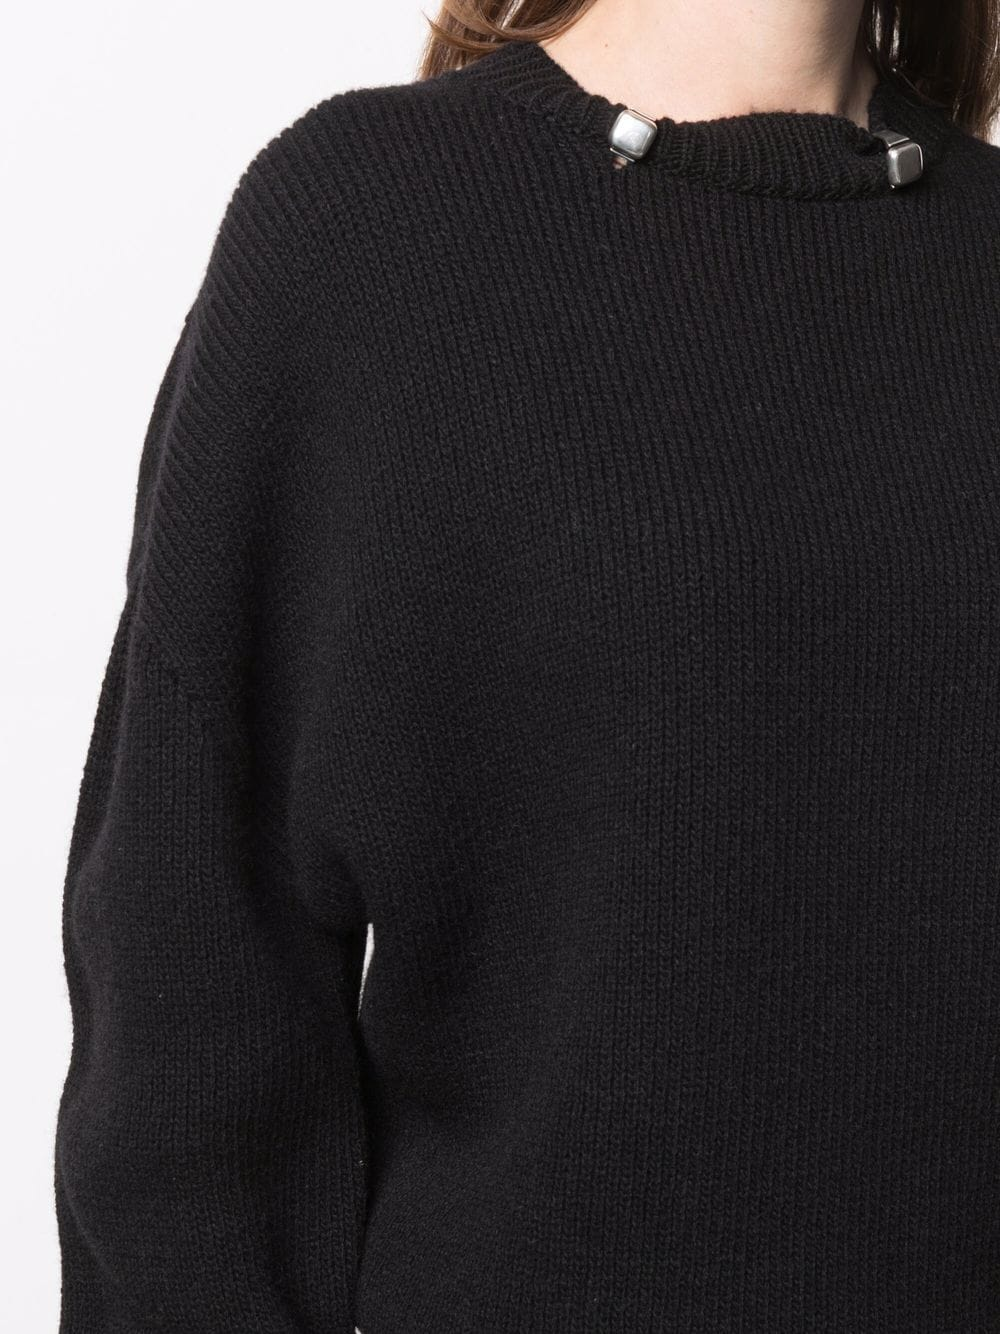 Picture of Bottega Veneta | Embellished Knitted Jumper